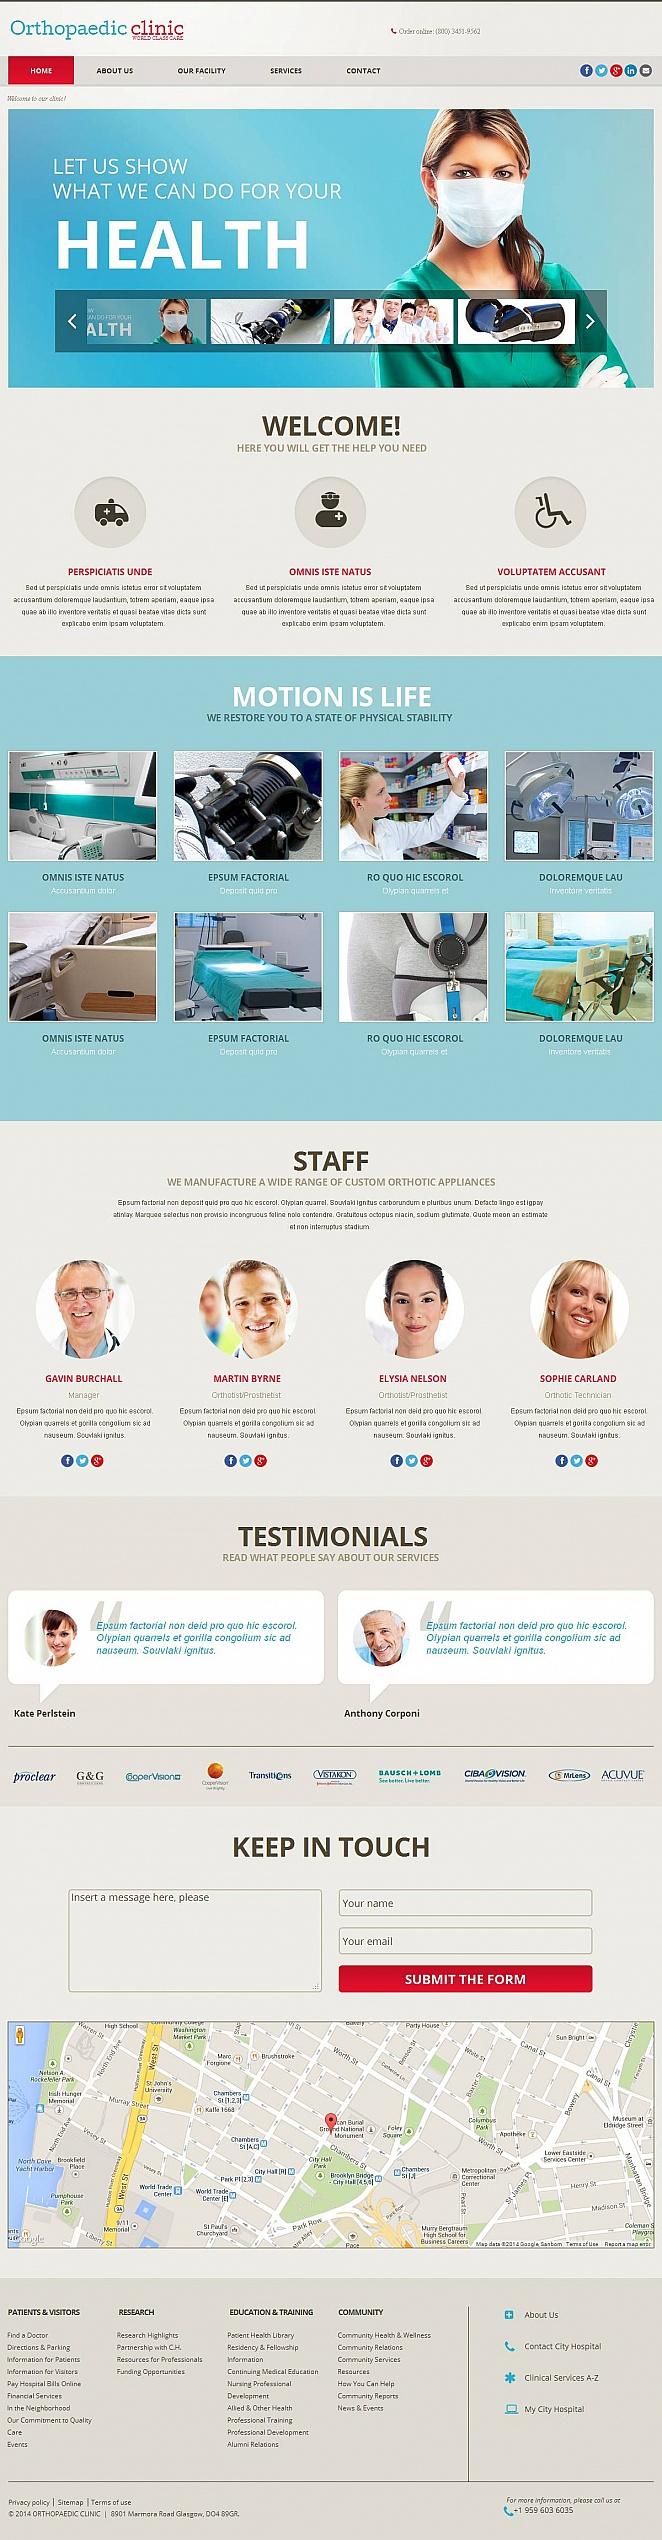 Orthopedic Treatment Website Template - image